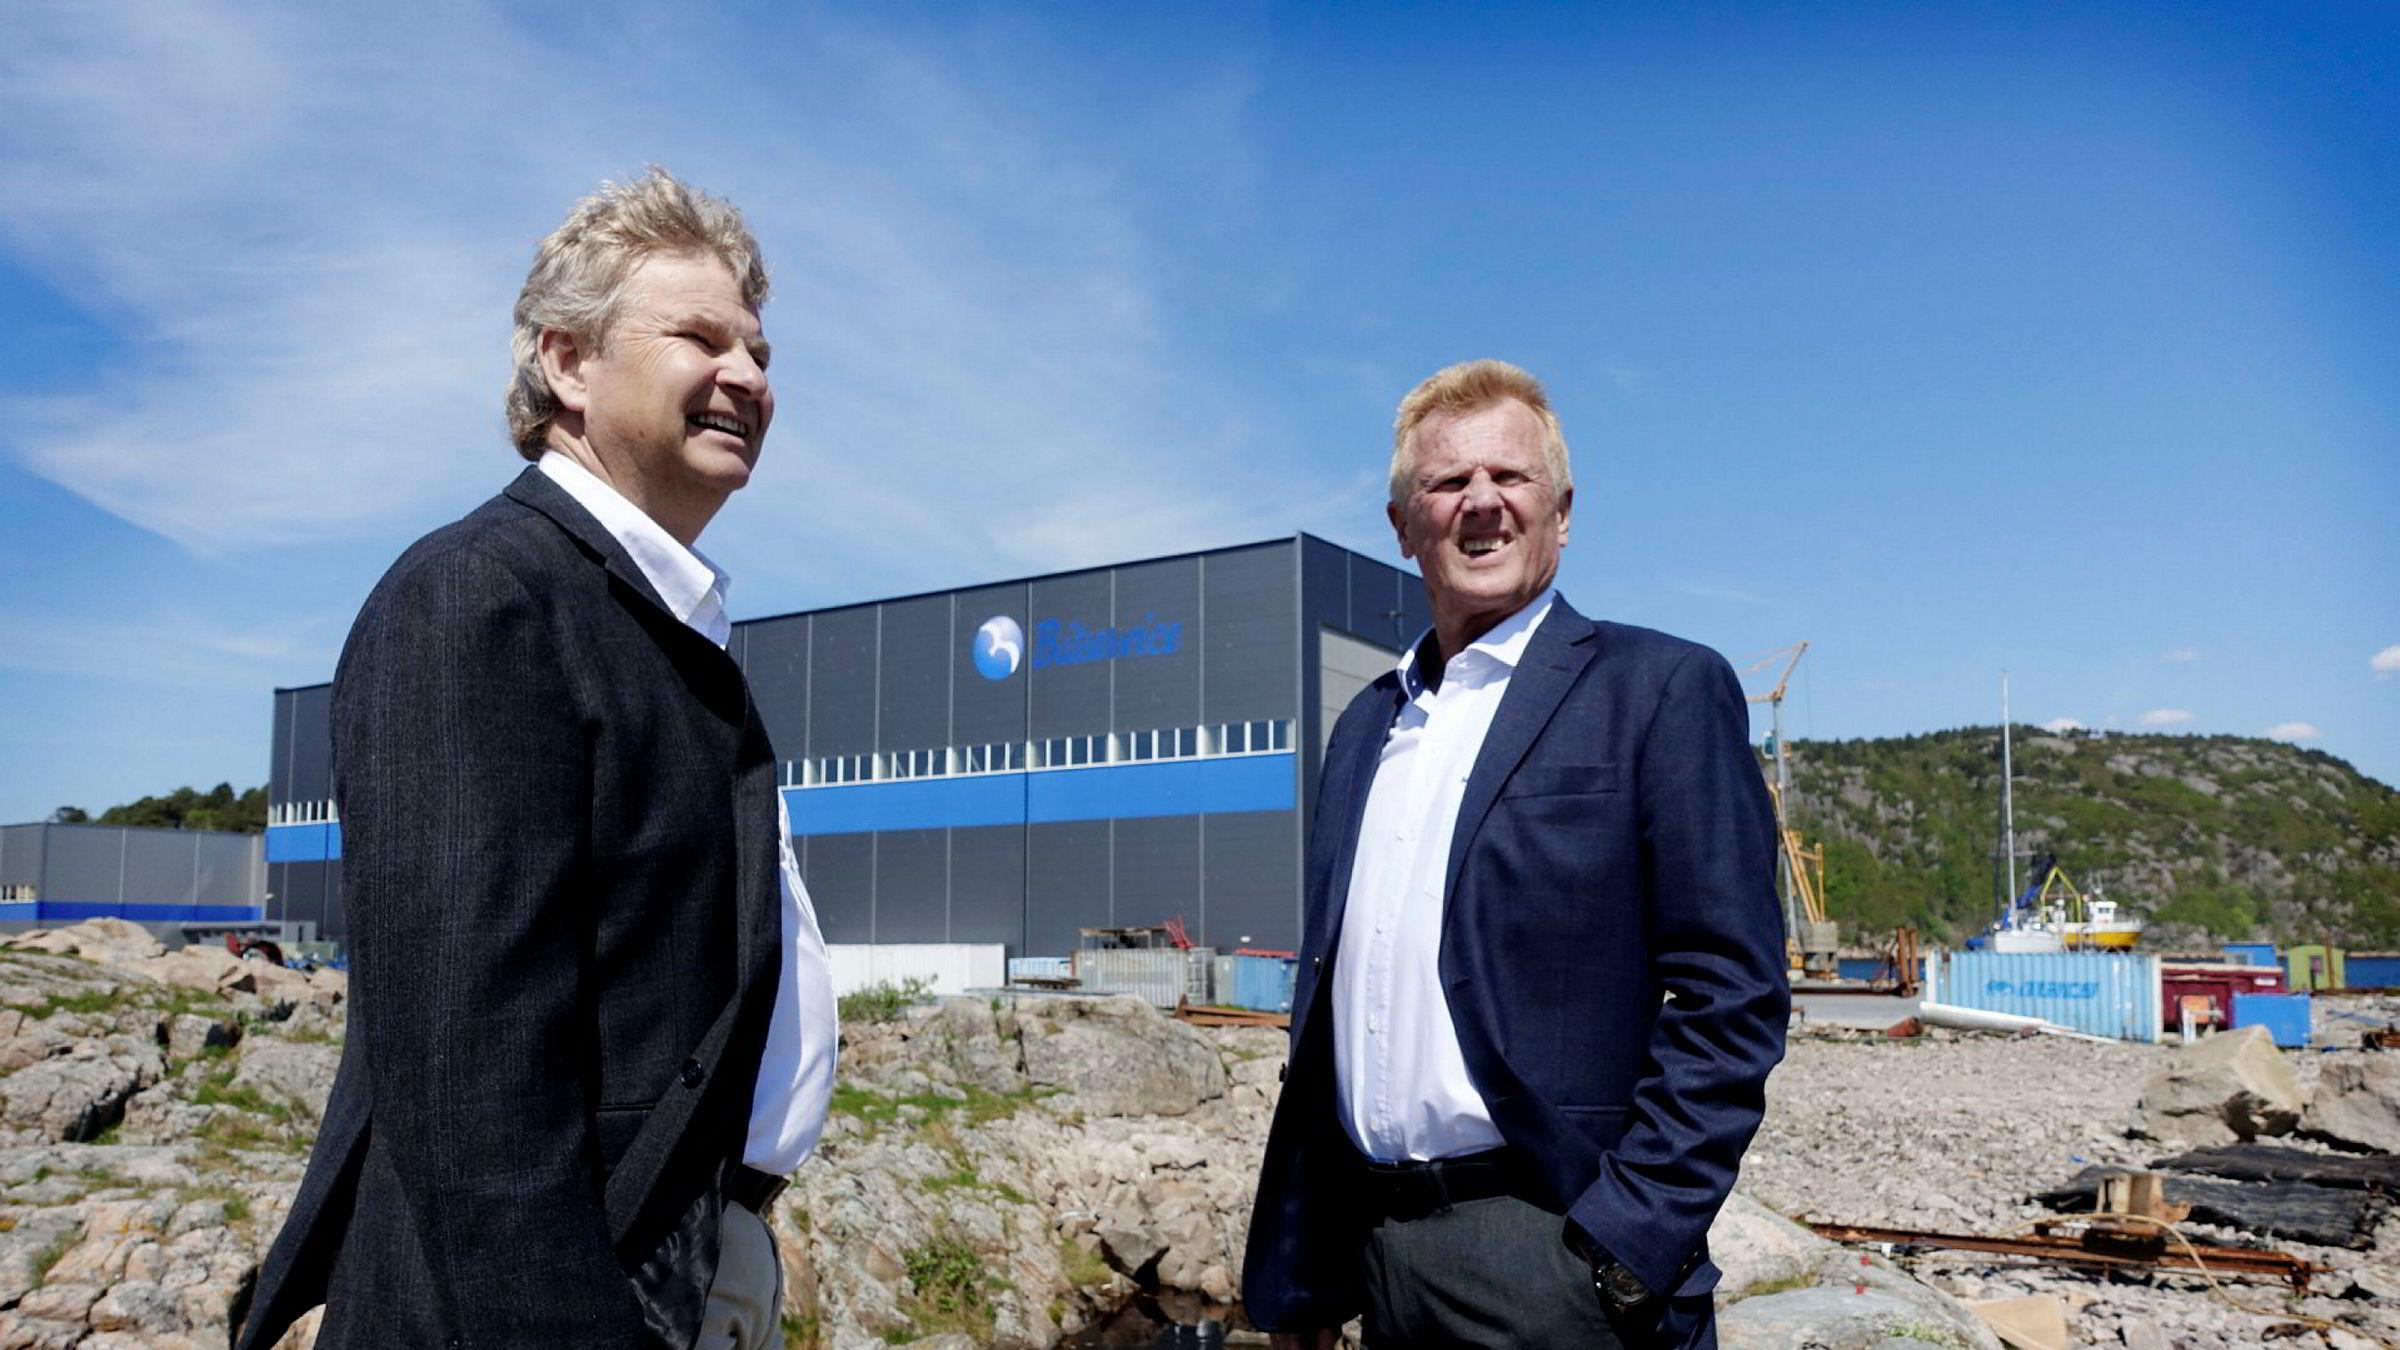 Tor Henning Ramfjord (fra venstre), tidligere toppsjef i oljeutstyrsgiganten National Oilwell Varco, kjøper både eiendom og drift i Båtservice-konsernet i Mandal der Bjørn Fjellhaugen har vært administrerende direktør i 26 år.